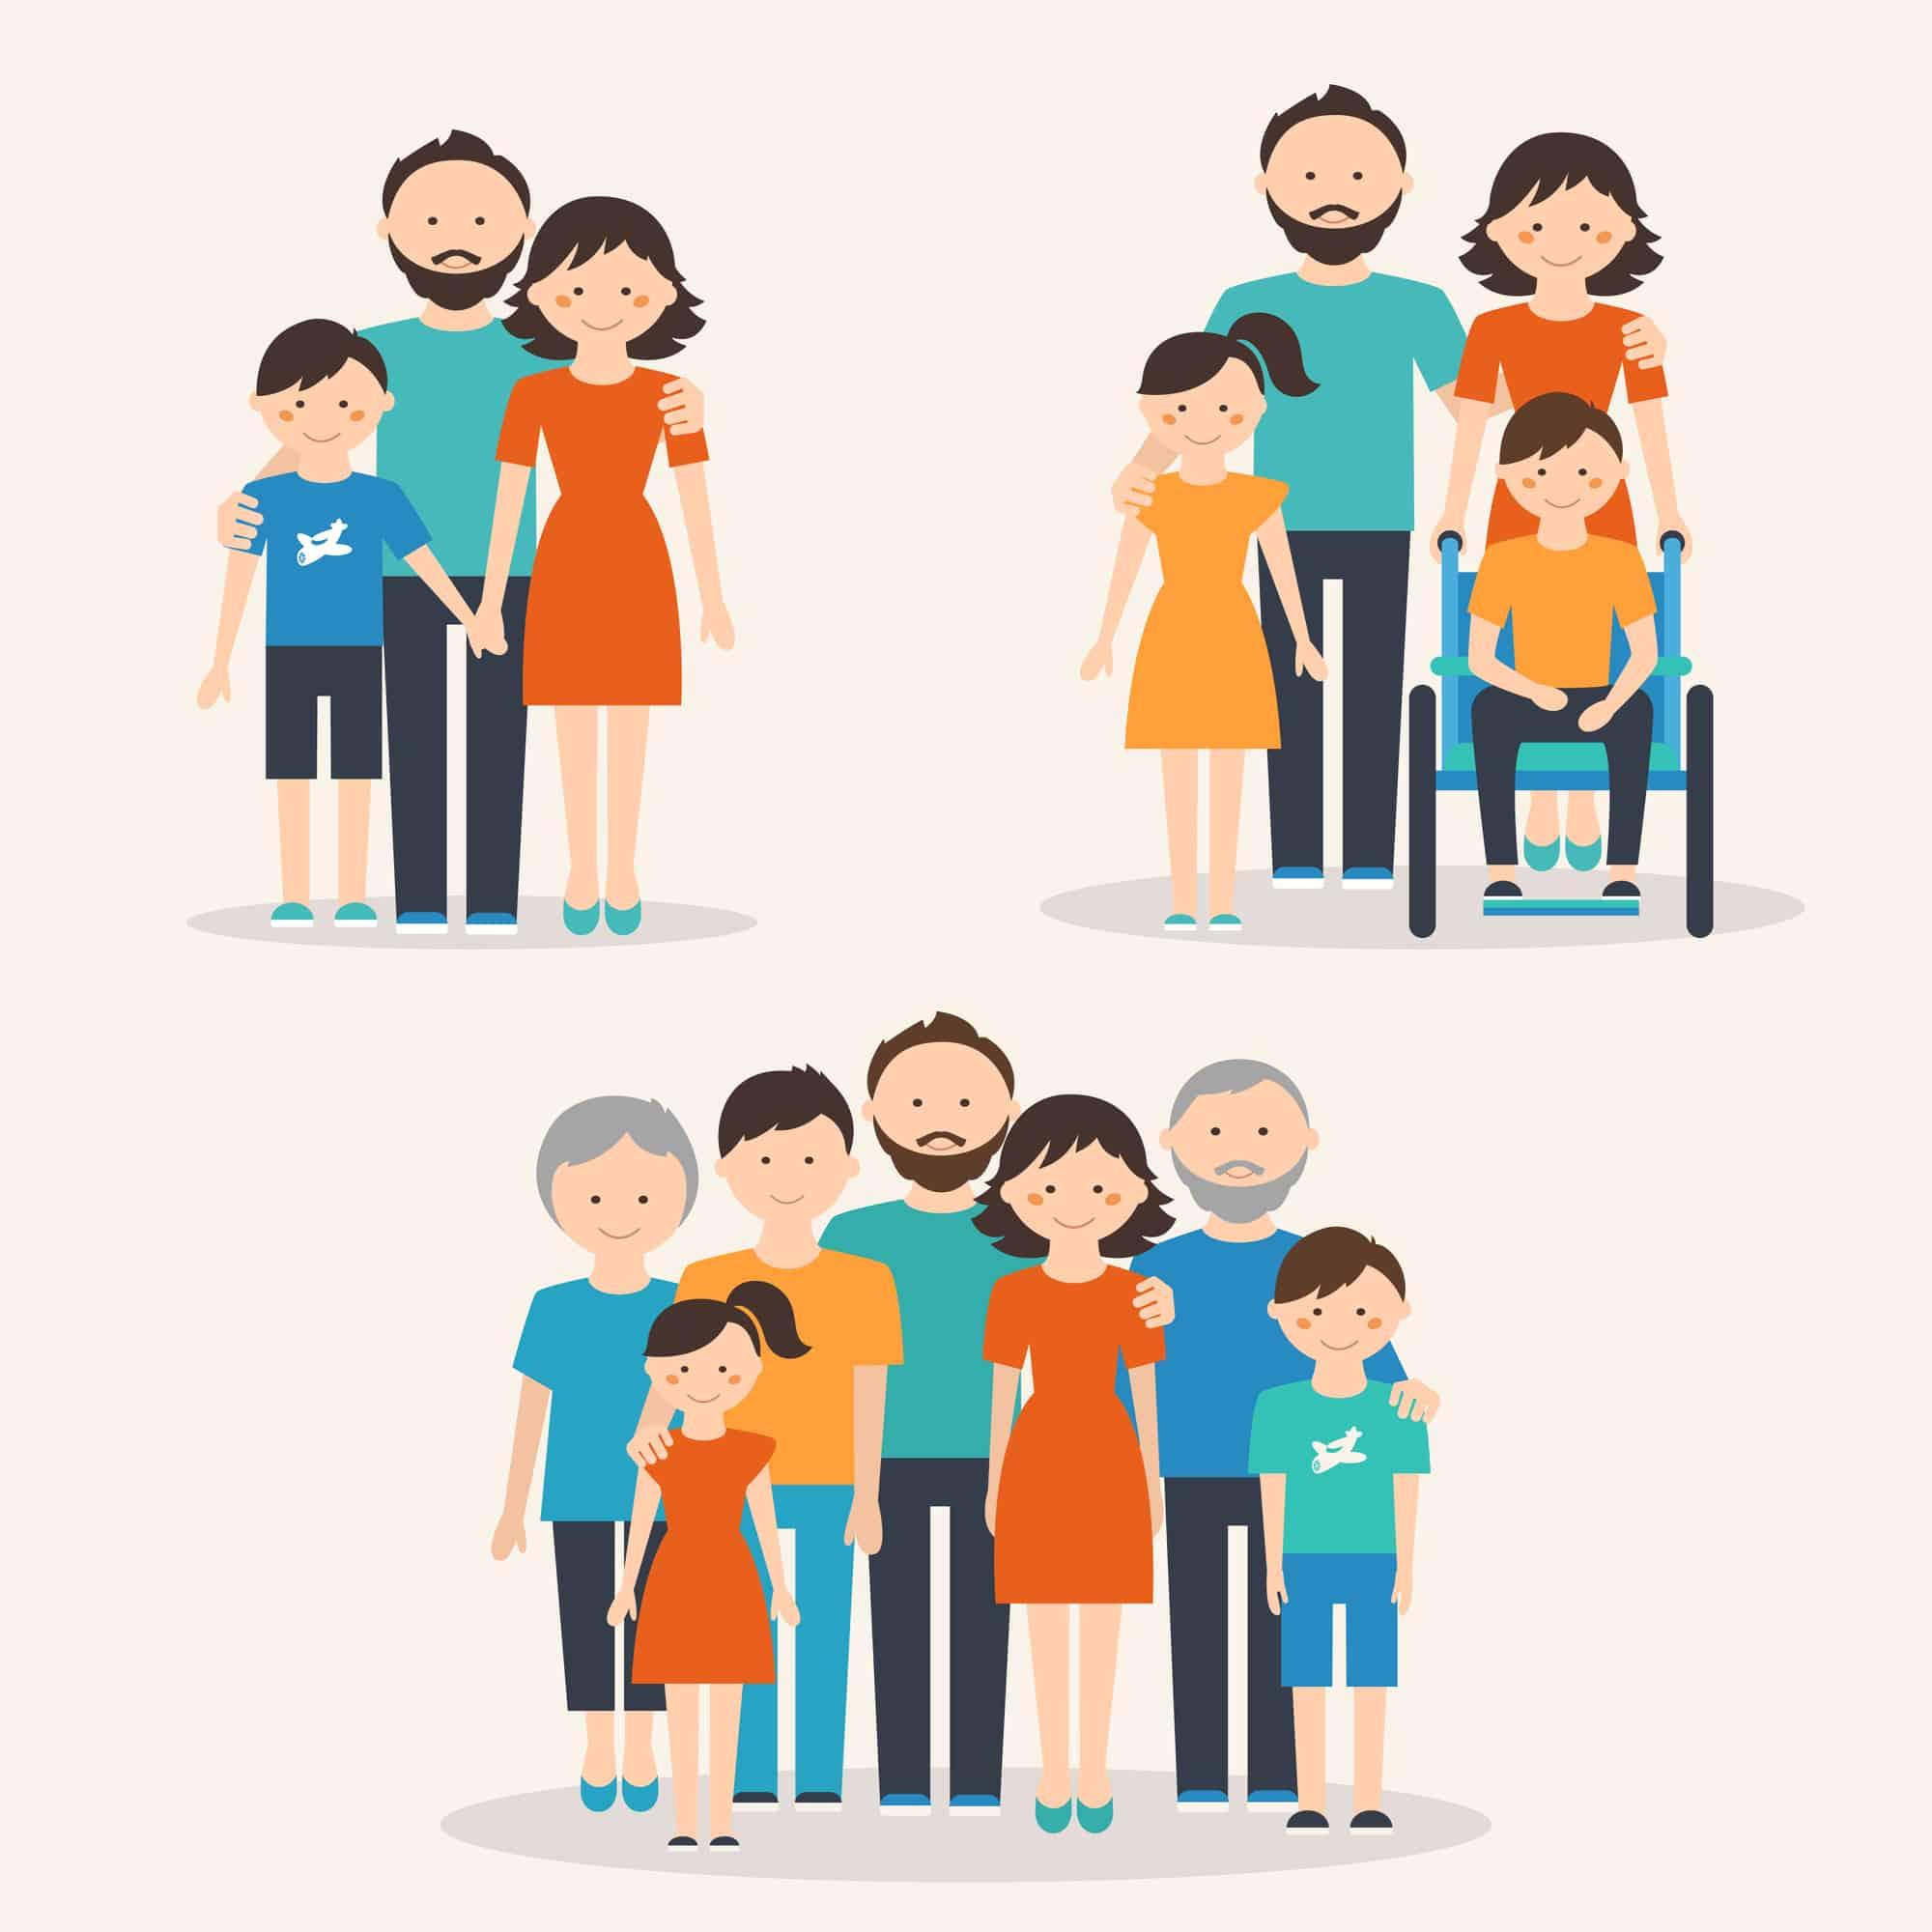 Dibujo de familia extensa: hijos, padres y abuelos